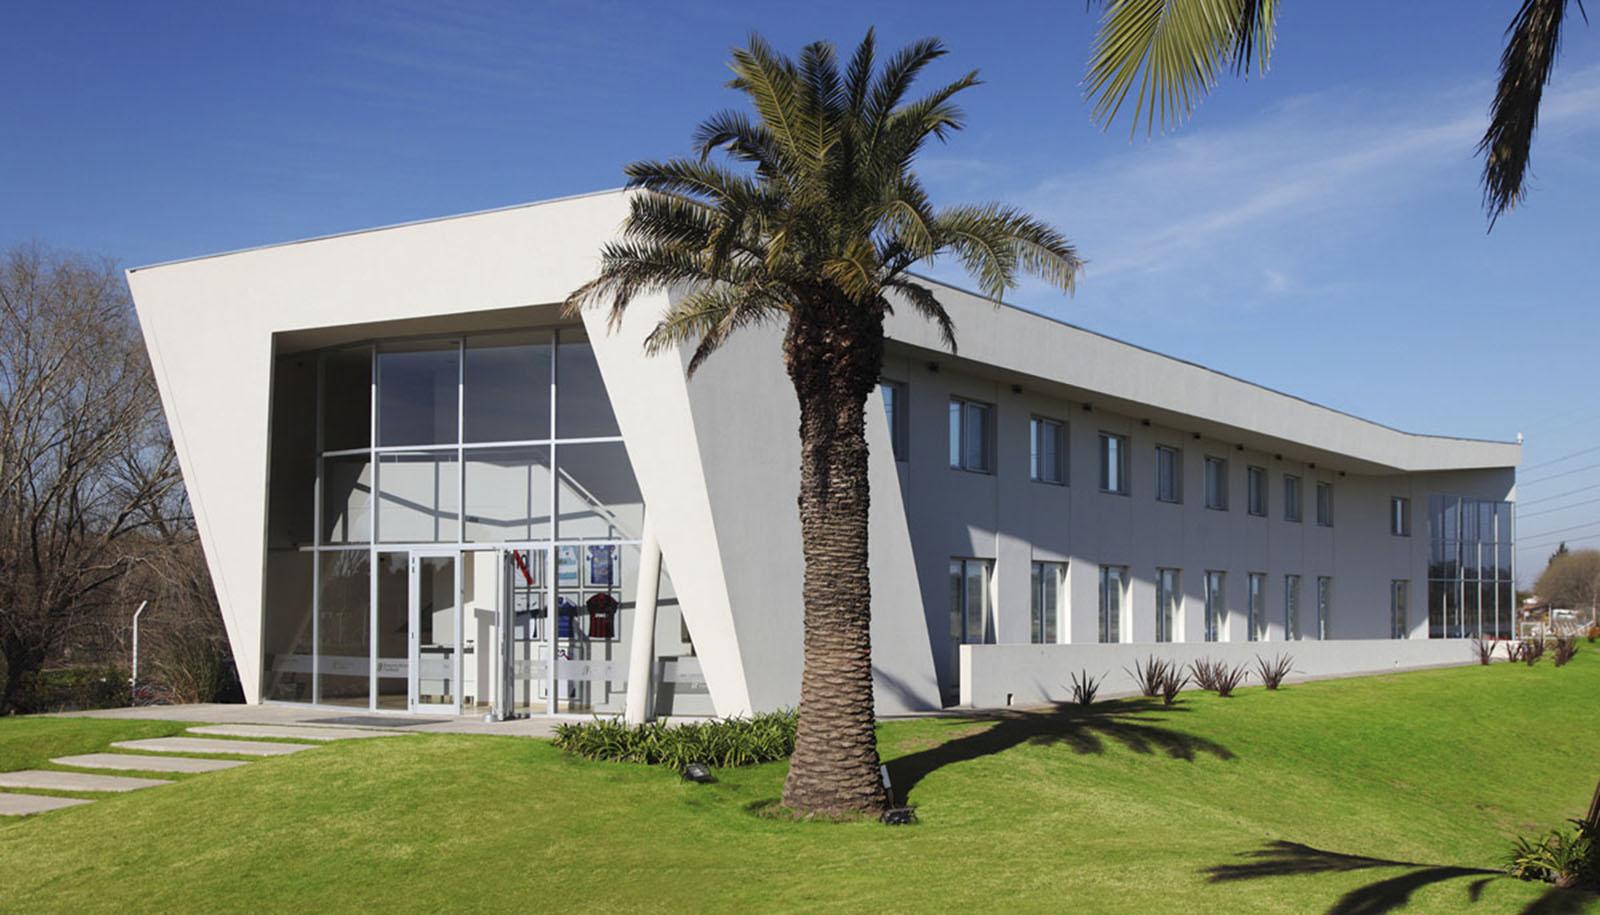 Frente en escorzo Alojamiento alojamiento deportivo, arquitectura contemporánea, plegados arquitectónicos, arquitectura y paisaje